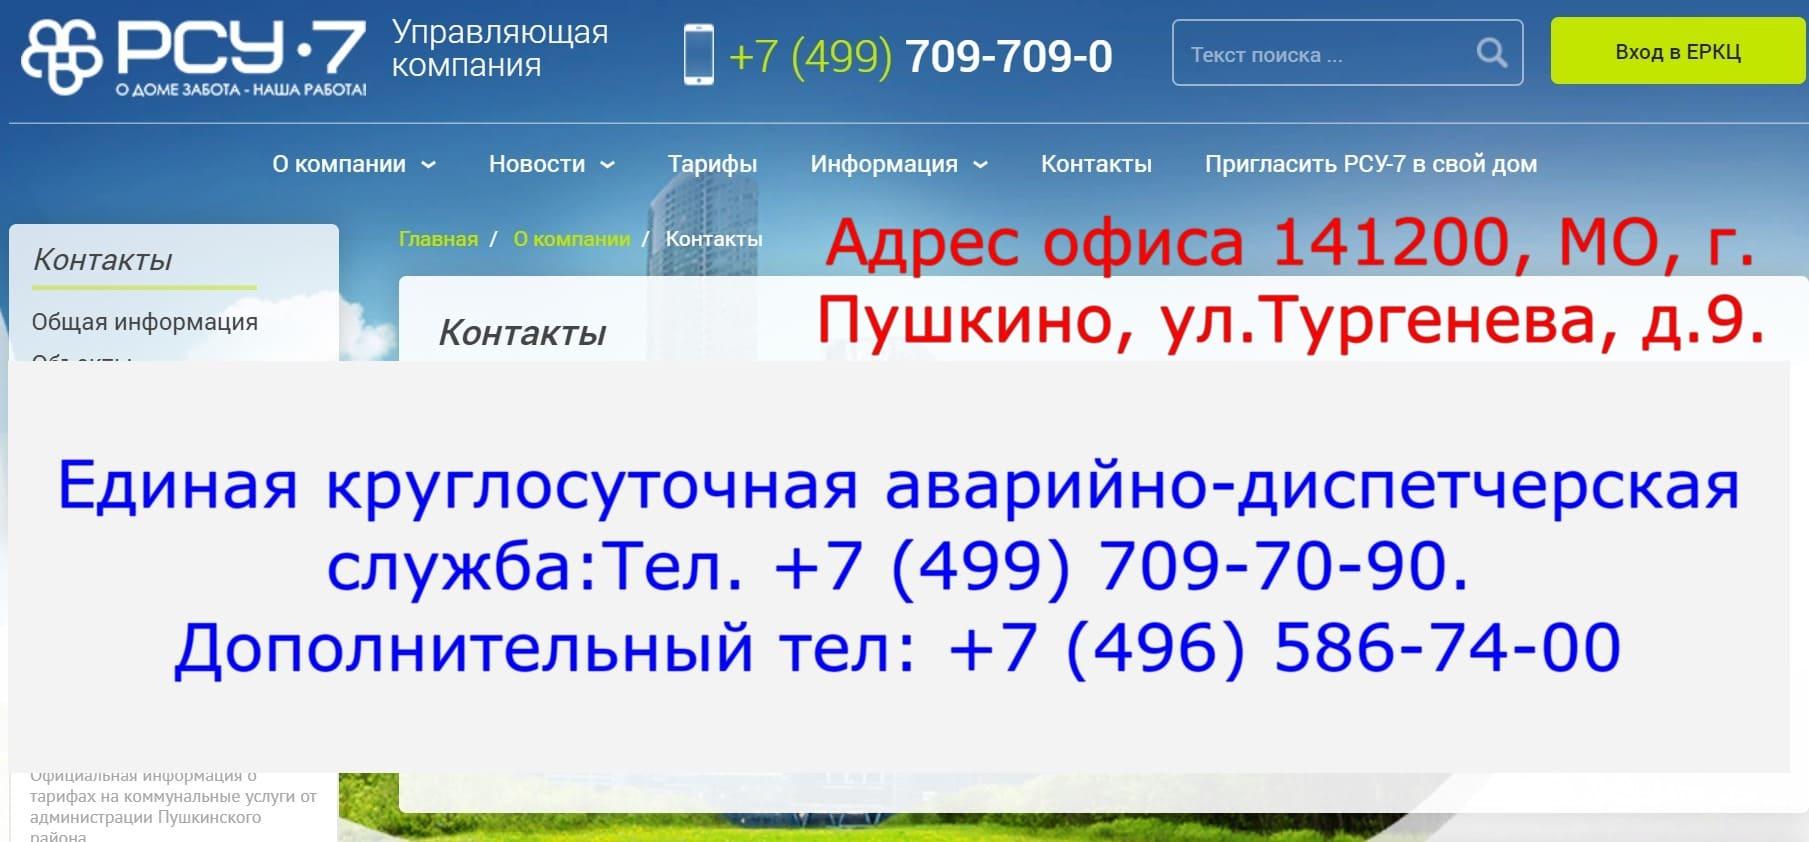 РСУ 7 Пушкино личный кабинет